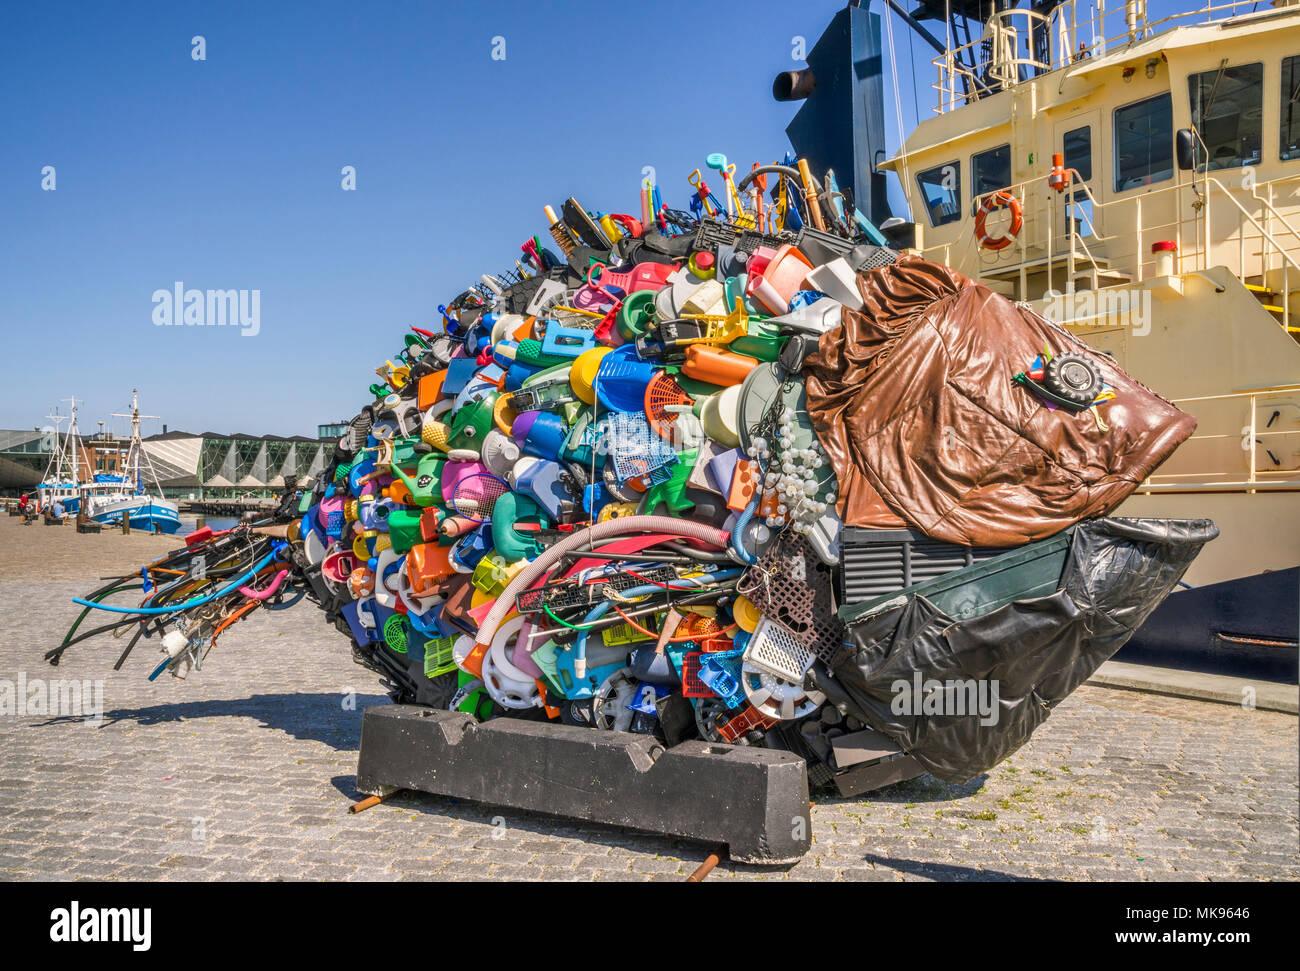 Pesce gigante arte di installazione intitolata 'Golden orate dal Øre suono' all'arte giapponese unità tecnica Yodegawa, fatta di discarted garbage elementi, Por Immagini Stock